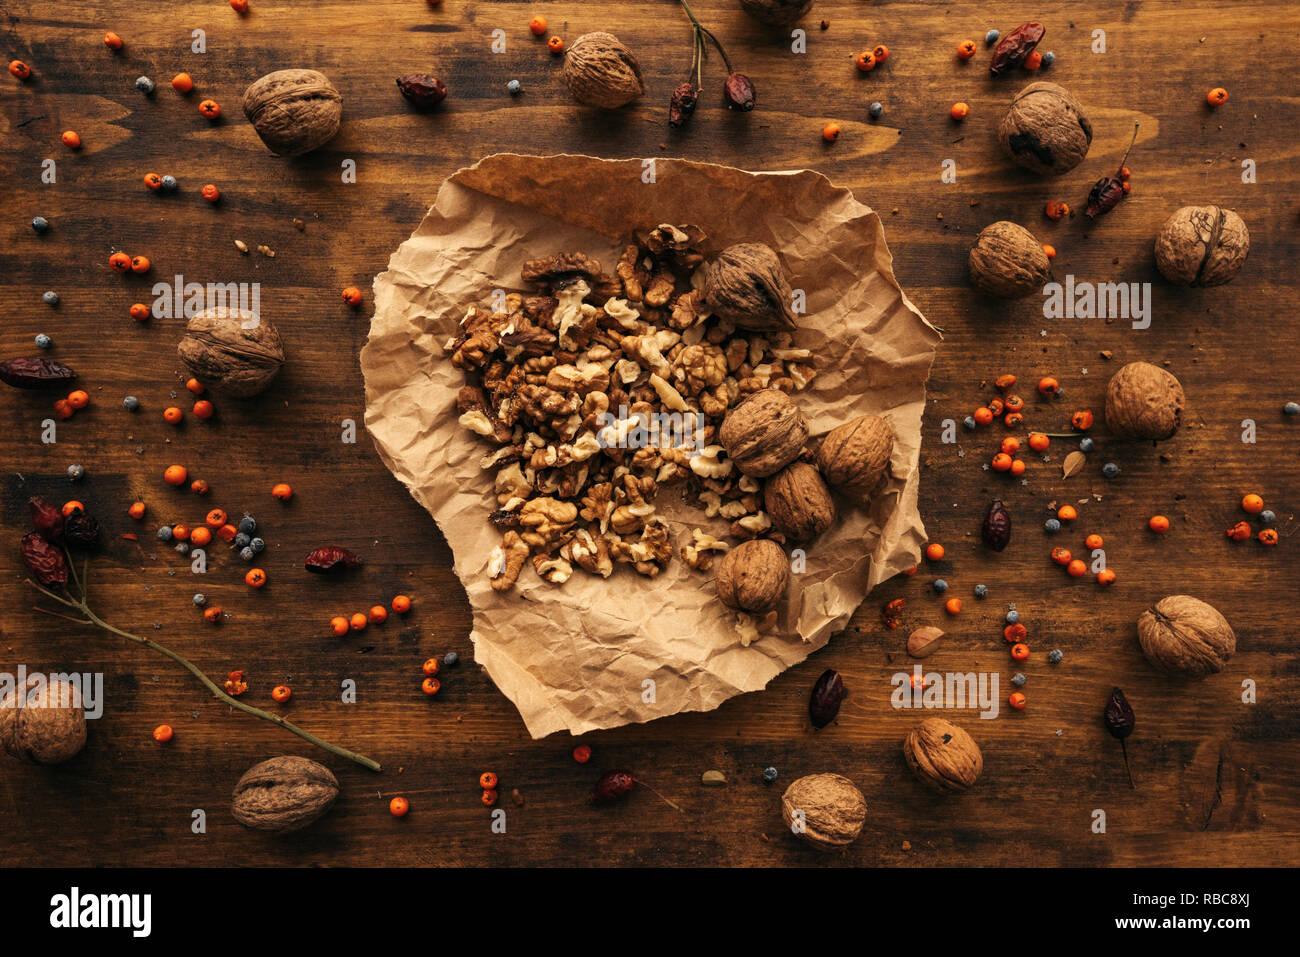 Fruits mûrs noyer sur table, vue de dessus des aliments sains antioxydants Photo Stock